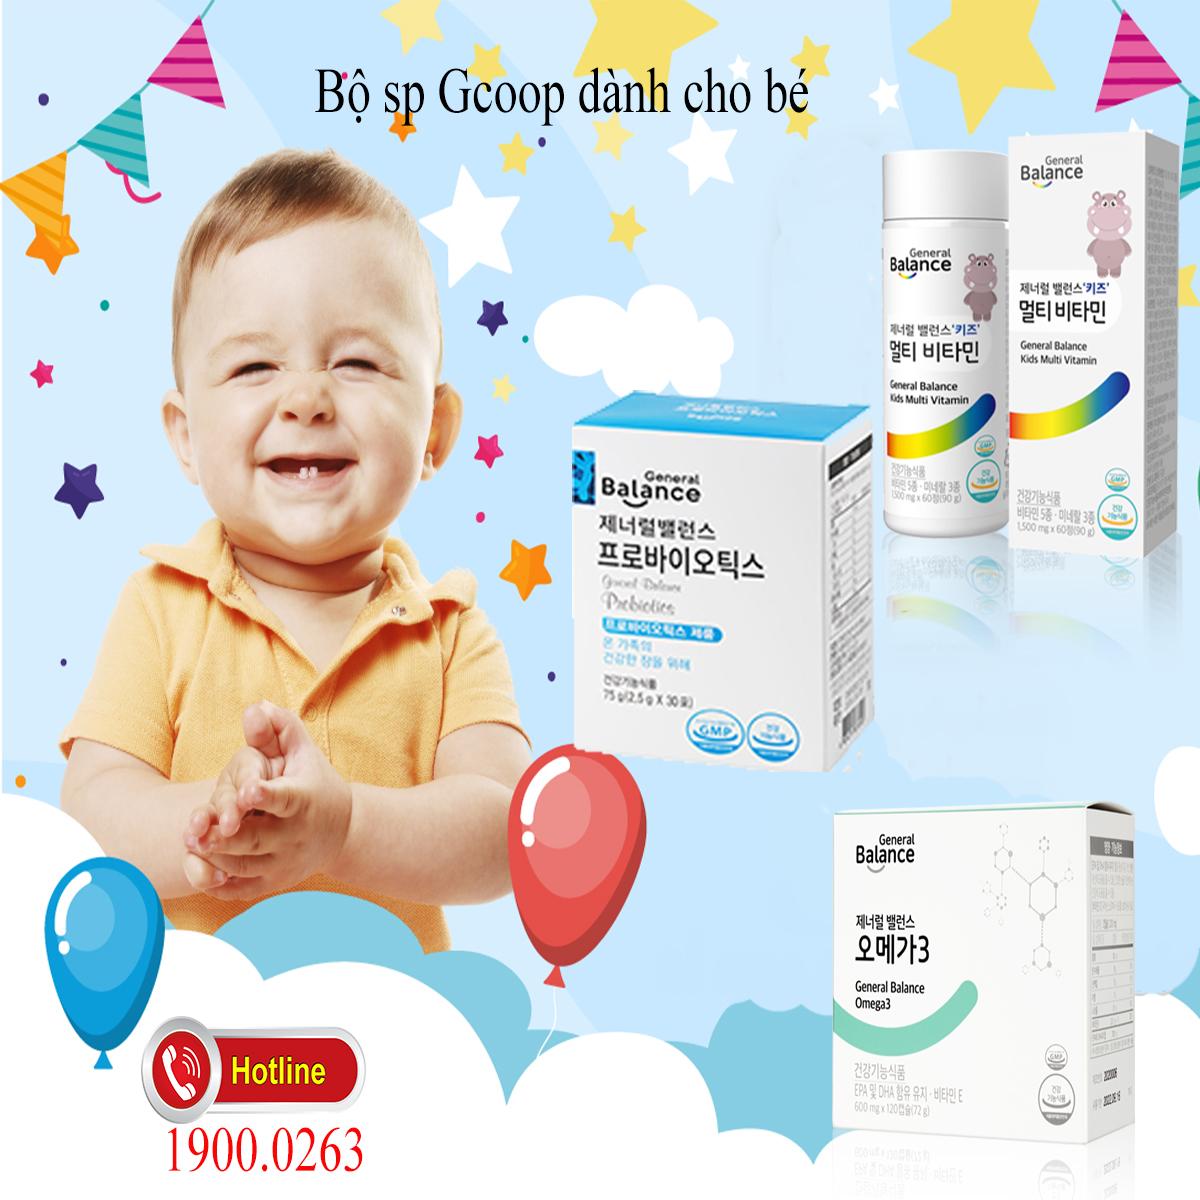 Combo sản phẩm Gcoop chăm sóc sức khỏe cho bé